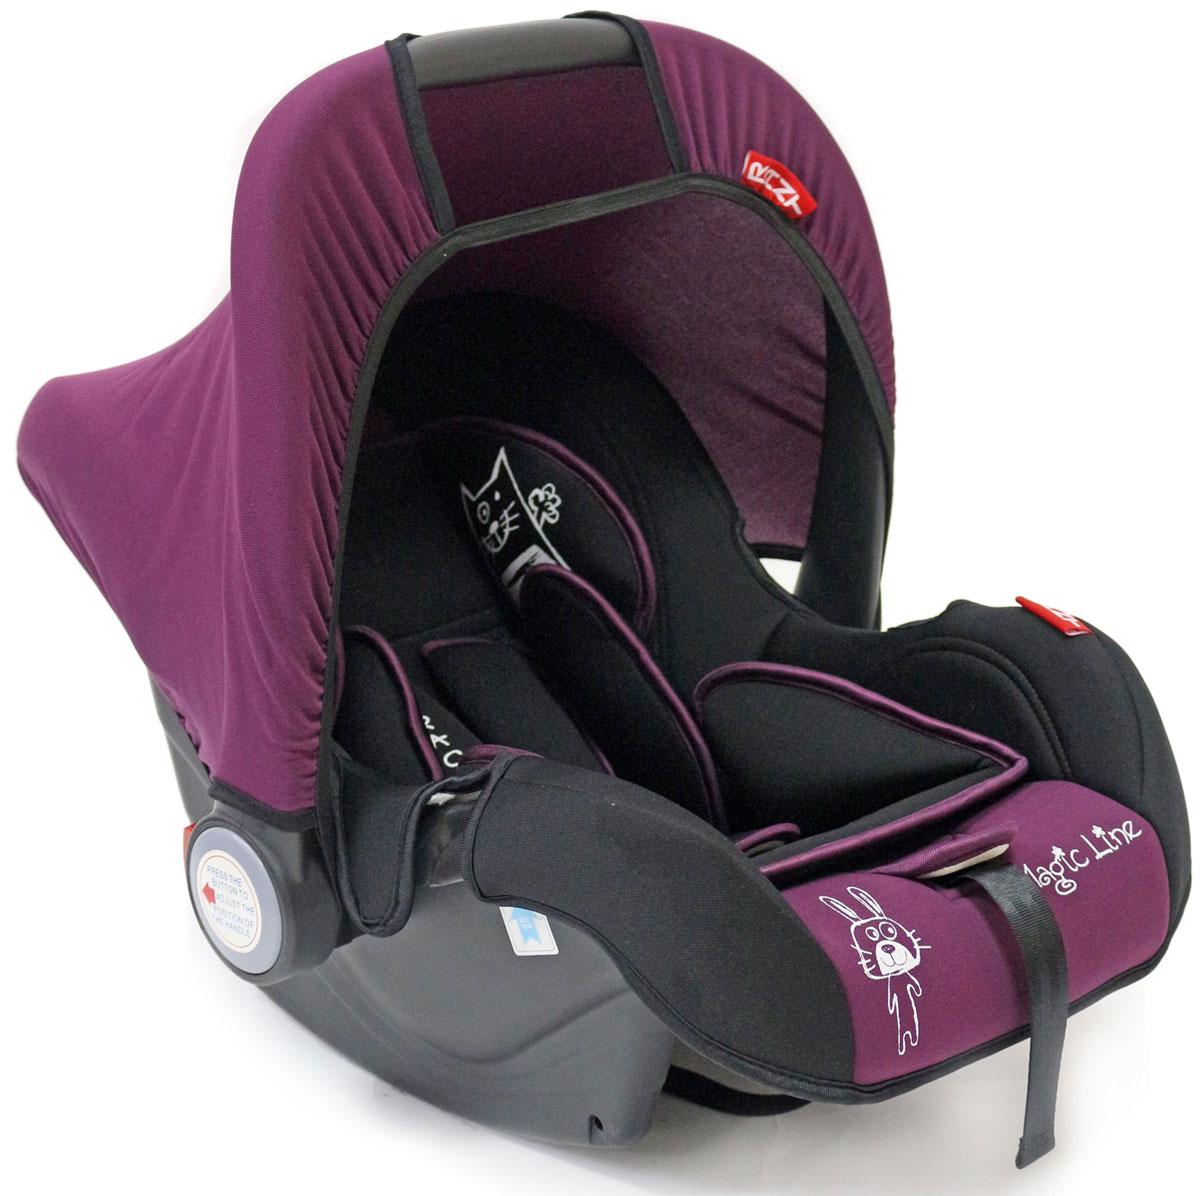 Rant Автокресло Miracle цвет фиолетовый до 13 кг4630008876671Детское автокресло-переноска Rant Miracle разработано для малышей весом до 13 кг (приблизительно до 12 месяцев).Сиденье удобной формы с мягким вкладышем обеспечивает защиту и идеальное положение шеи и спины малыша, а также делает кресло комфортным и безопасным. Автокресло (переноска) Miracle имеет внутренние 3-х точечные ремни безопасности с плечевыми накладками (уменьшают нагрузку на плечи малыша). Накладки обеспечивают плотное прилегание и надежно удержат малыша в кресле в случае ударов. Ремни удобно регулировать под рост и комплекцию ребенка без особых усилий. Удобная ручка для переноски малыша регулируется в 4-х положениях: для устойчивости автокресла в автомобиле, для переноски малыша, вне автомобиля автокресло можно использовать как кресло-качалку или кресло-шезлонг. Съемный тент защитит от яркого солнца или ветра, когда вы гуляете с малышом на свежем воздухе. Съемный чехол автокресла Miracle изготовлен из гипоаллергенной эластичной ткани, легко чистится и стирается вручную или в деликатном режиме в стиральной машине при температуре 30°.Автокресло (переноска) Miracle устанавливается лицом против движения автомобиля и крепится штатными автомобильными ремнями. Ребенок фиксируется внутренними ремнями безопасности. Такое положение обеспечивает максимальную безопасность маленькому пассажиру. Рекомендуется устанавливать автокресло на заднем сиденье автомобиля. Производитель допускает перевозку на переднем сиденье, в этом случае необходимо отключить фронтальные подушки безопасности. Автокресло (переноска) Miracle сертифицировано и соответствует европейскому стандарту безопасности ECE R44-04.